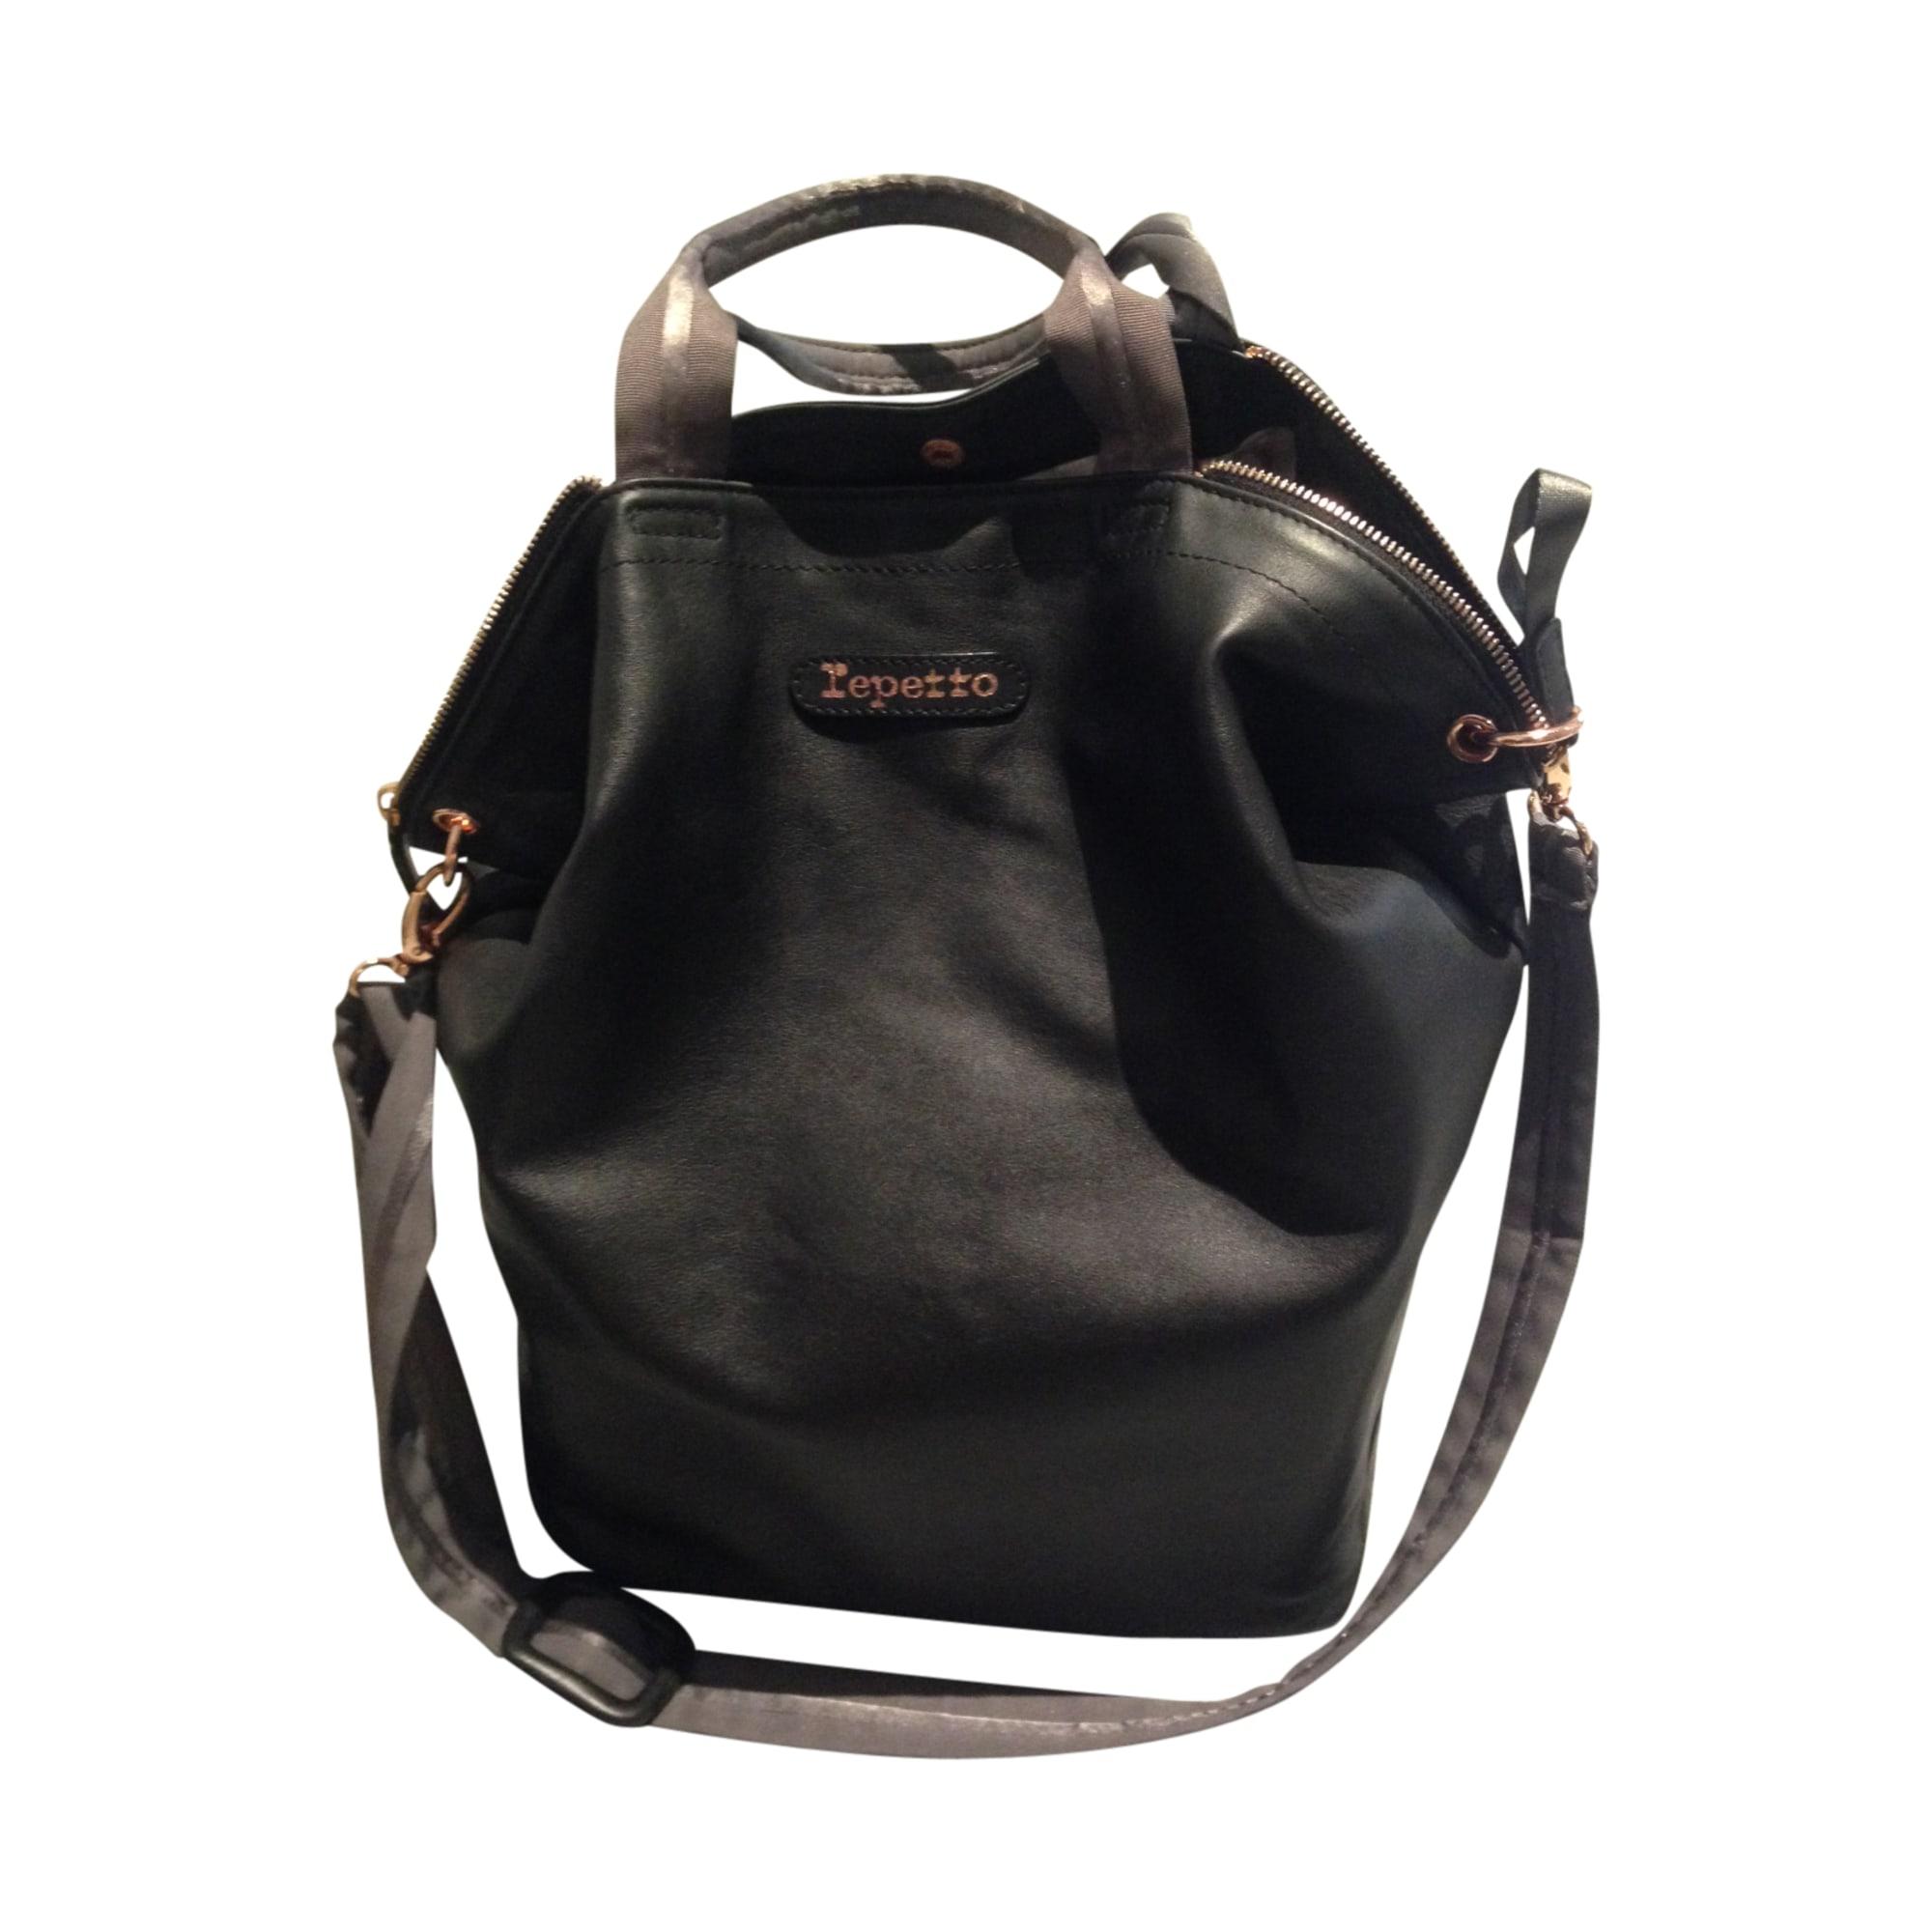 38aa72d8c38 Sac à main en cuir REPETTO noir vendu par Lily m211769 - 3385053